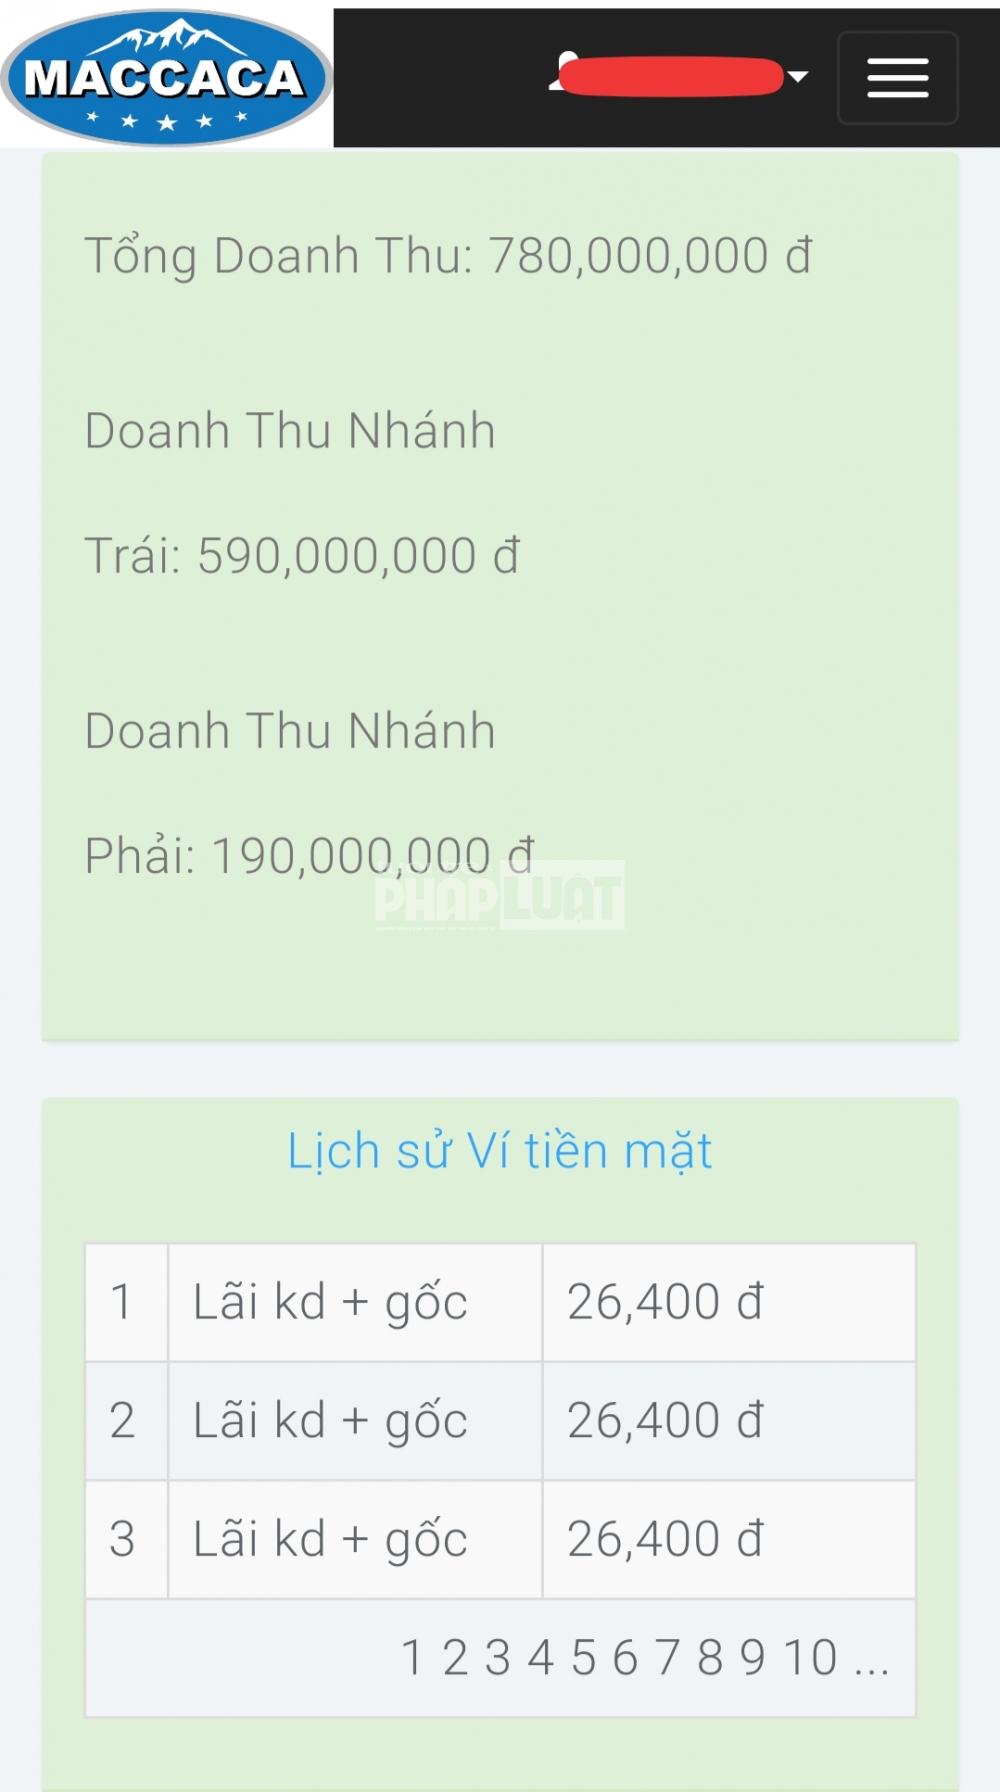 cong ty macca nutrition rao ban co phan de huy dong von hay kinh doanh da cap tra hinh